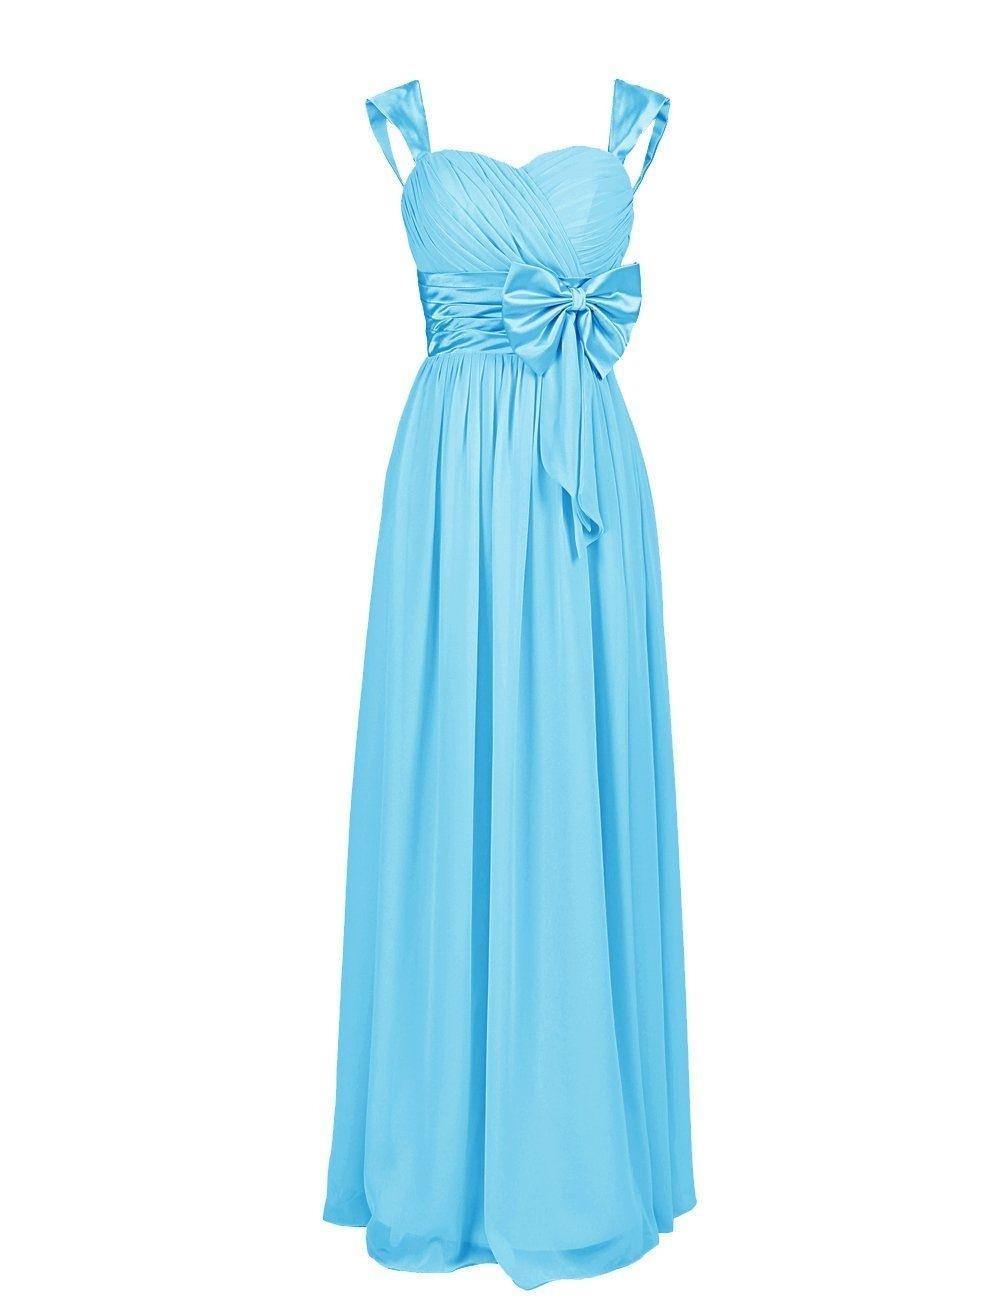 13 Wunderbar Lange Sommerkleider Damen Boutique  Abendkleid